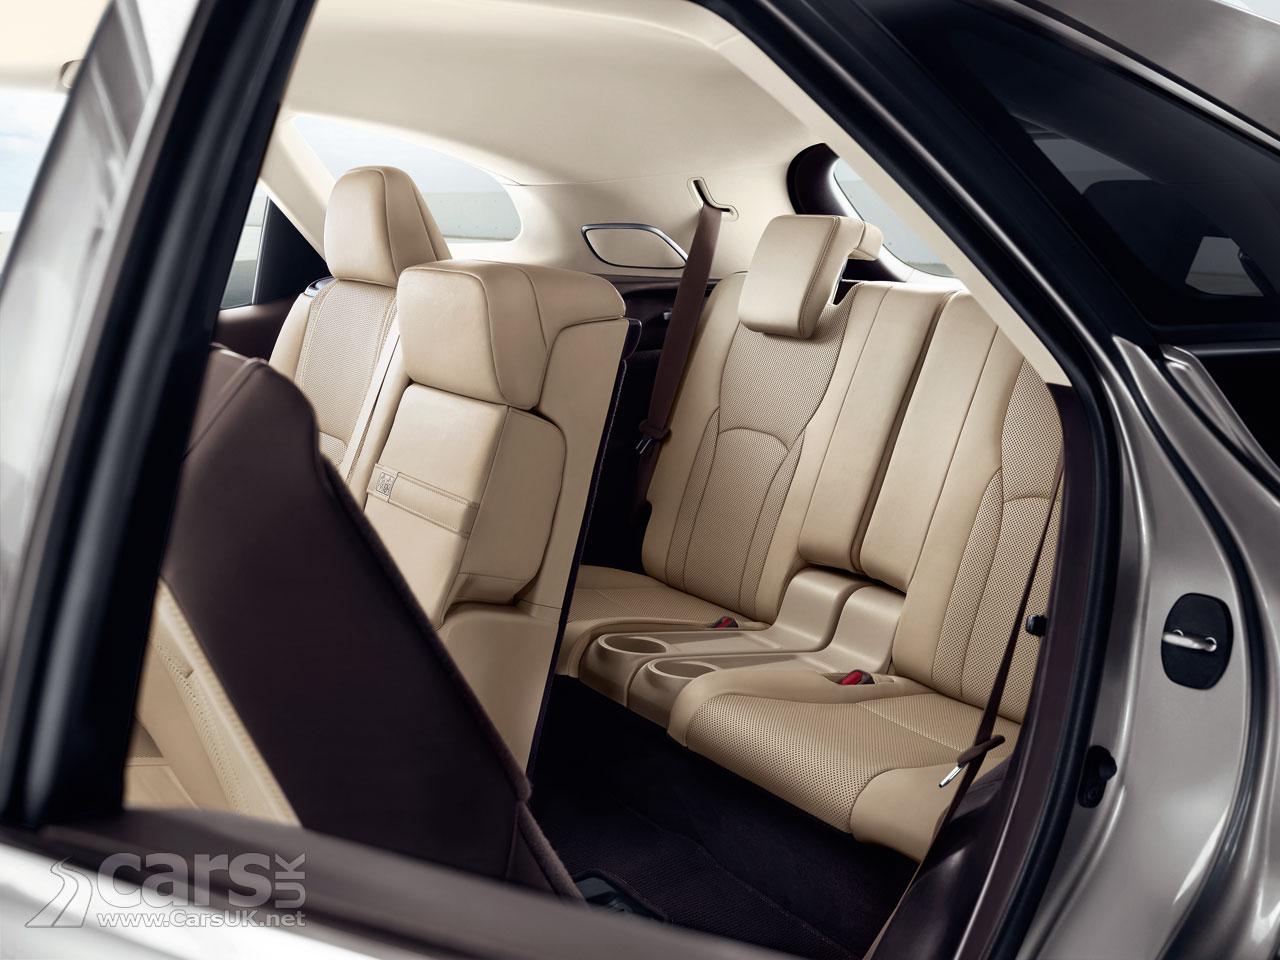 The Lexus RX L Interior